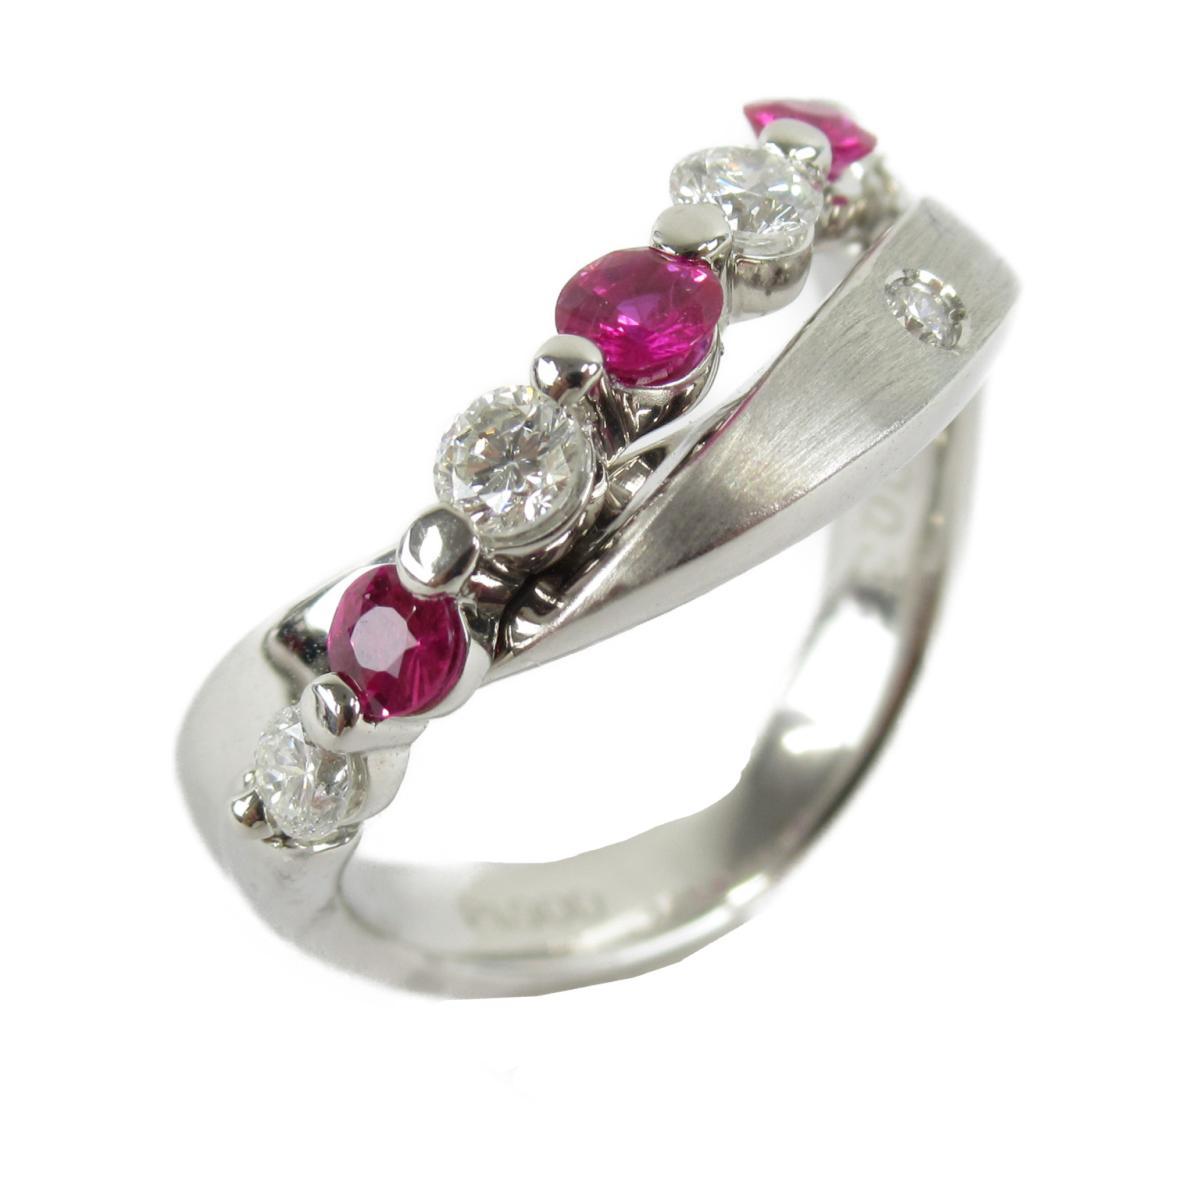 【中古】ジュエリー ルビー ダイヤモンド リング 指輪 ノーブランドジュエリー ユニセックス PT900 プラチナルビー(0.30)xダイヤモンド(0.33ct)